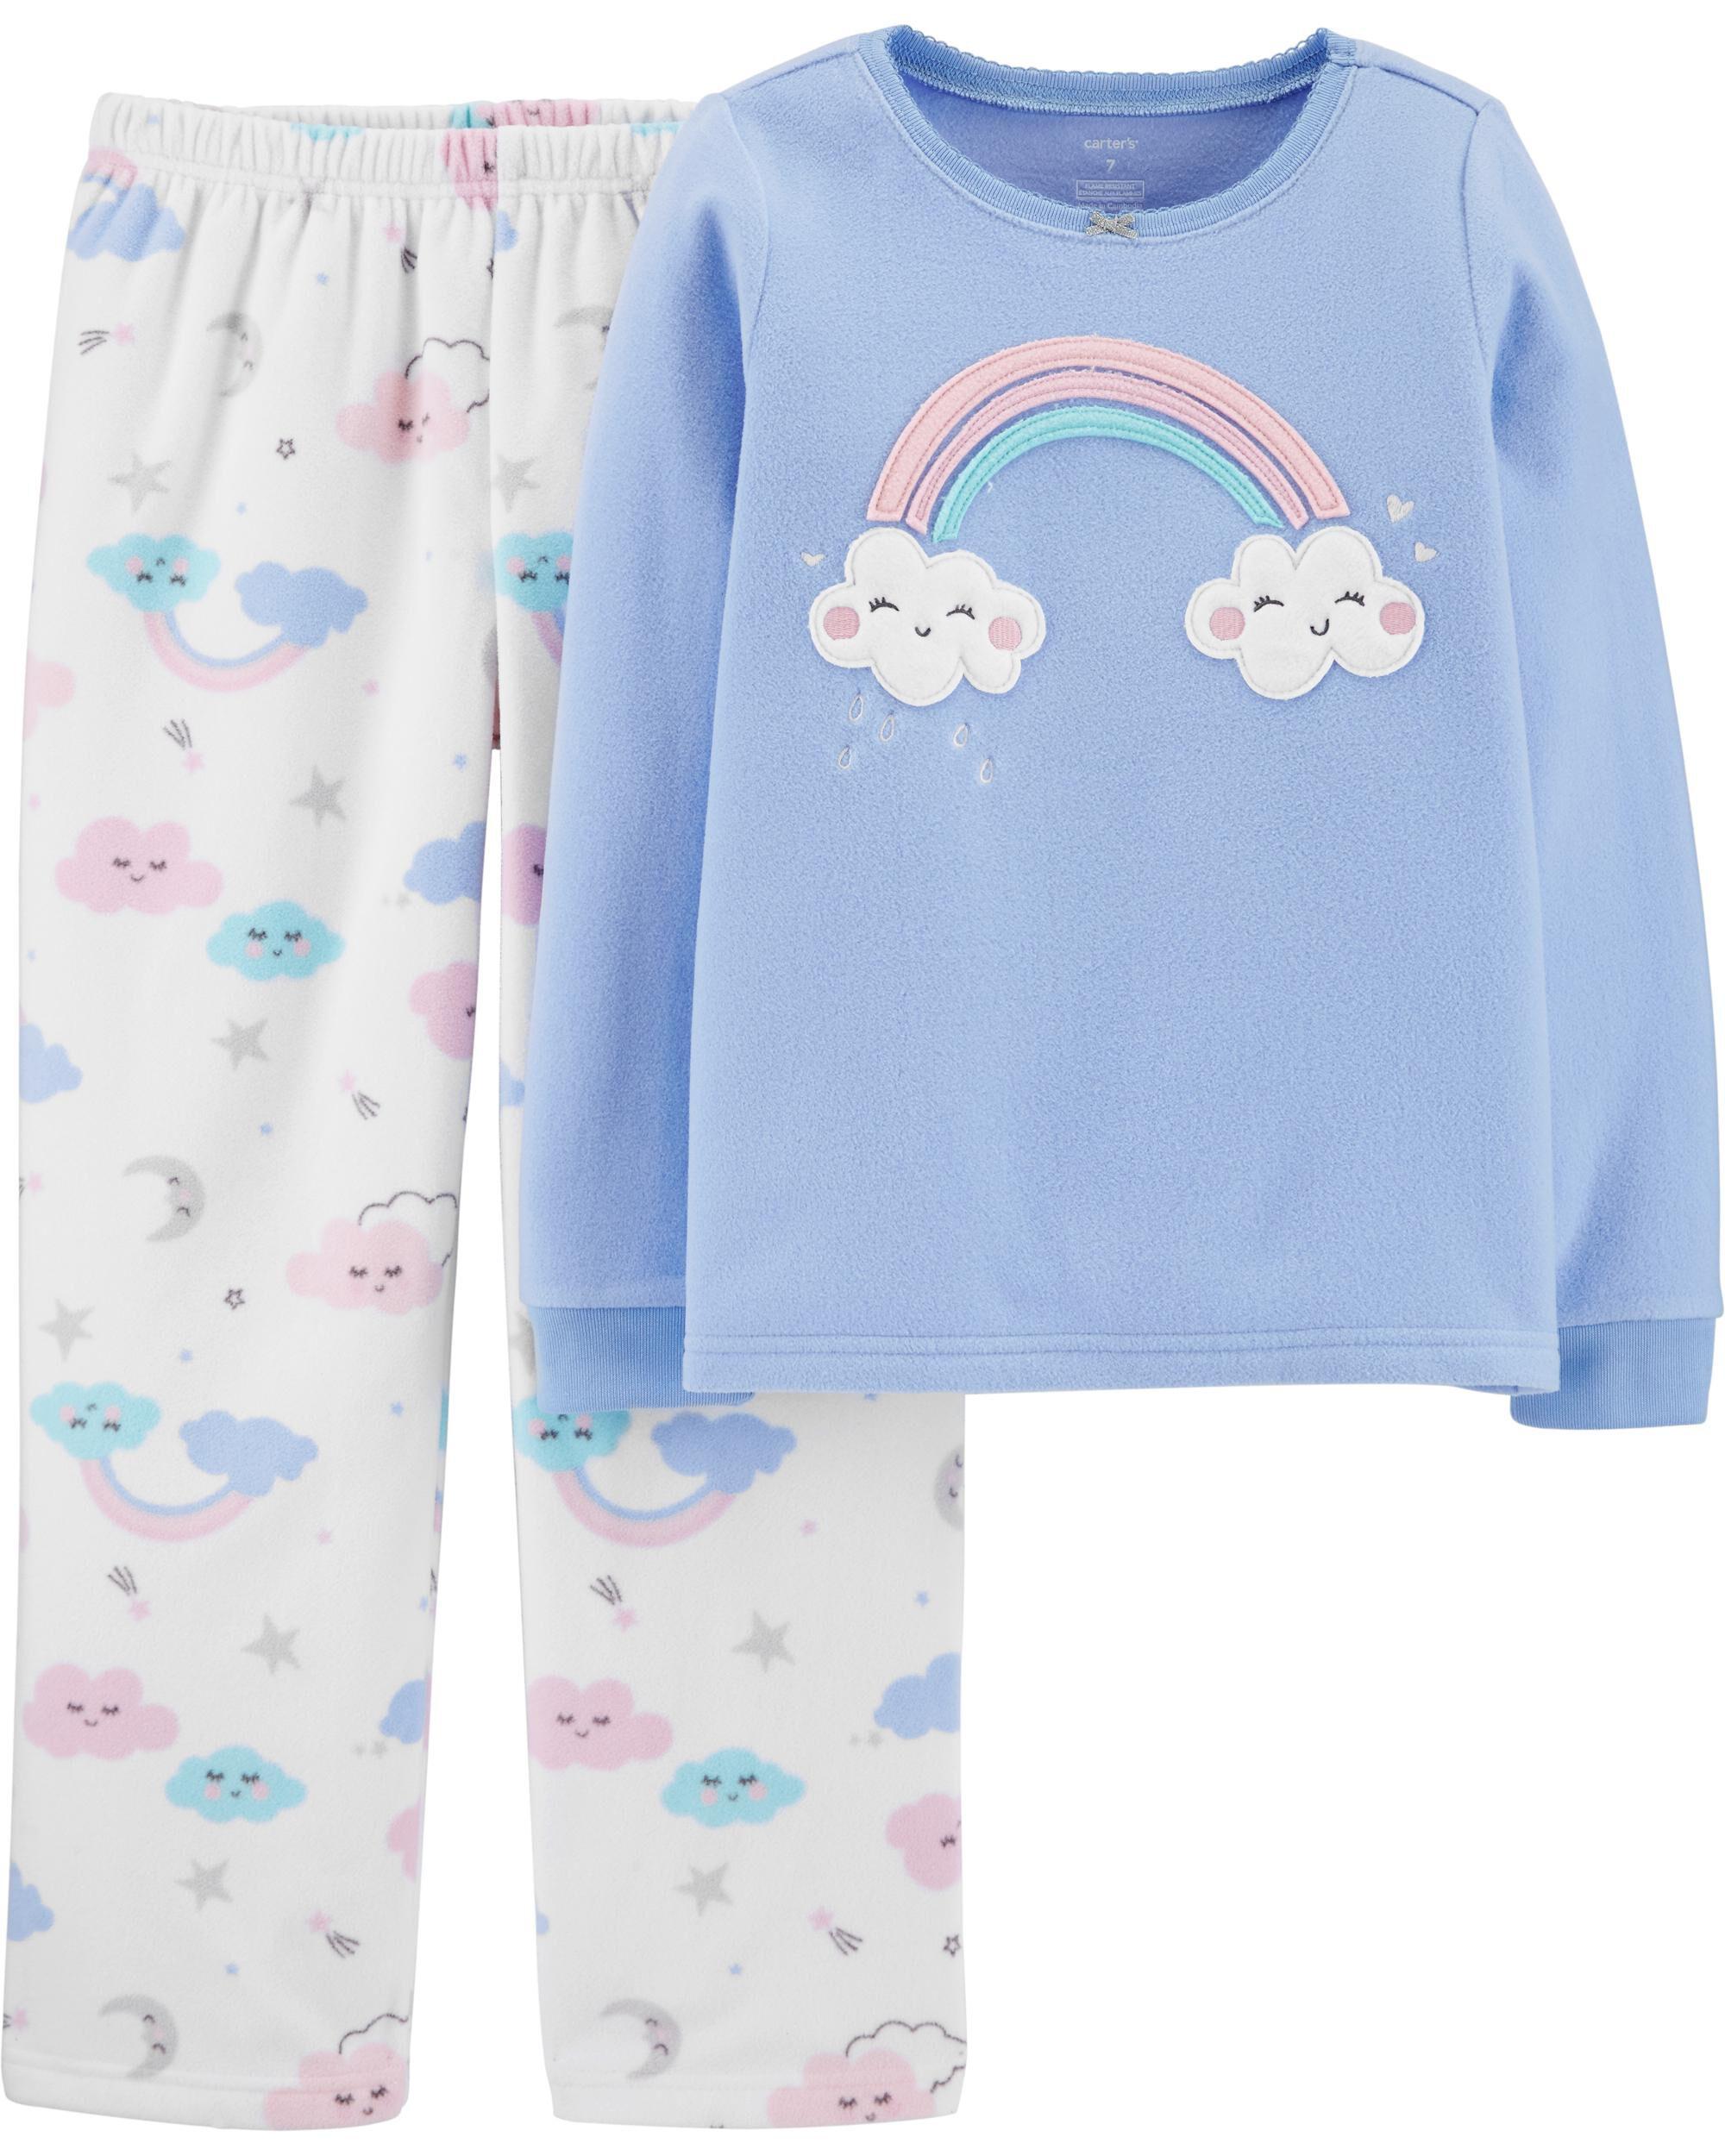 Carter/'s 4 Piece Rainbow Cloud Moon Cotton Pajamas Set Toddler Girls Size 2T 5T